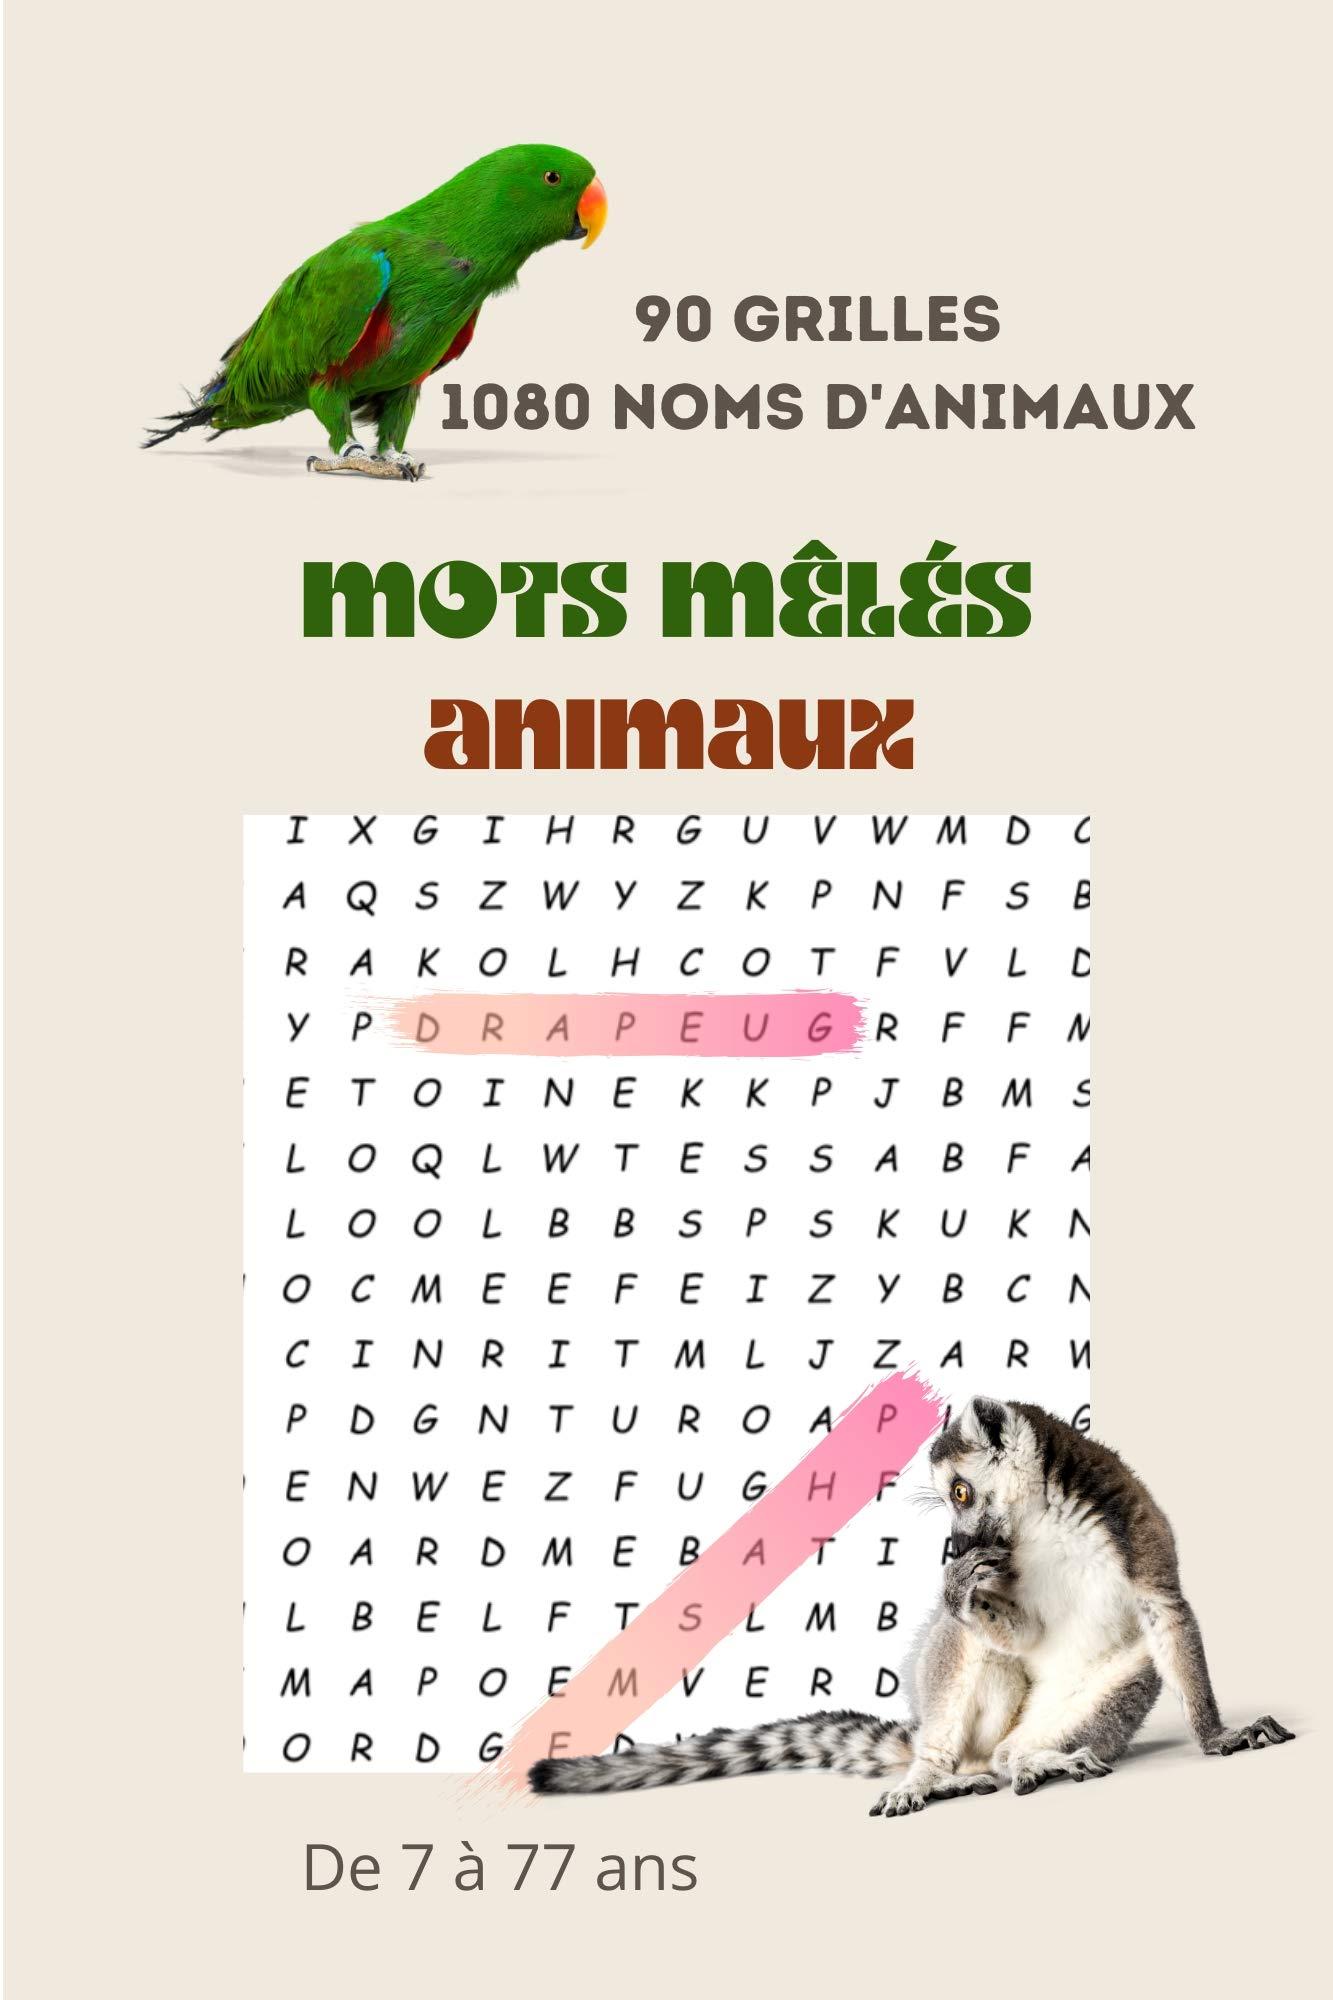 Mots mêlés animaux: Un cocktail cérébral pour tous les âges ! Des grilles difficiles avec des mots dans tous les sens pour passer de nombreuses heures ... en stimulant votre cerveau.